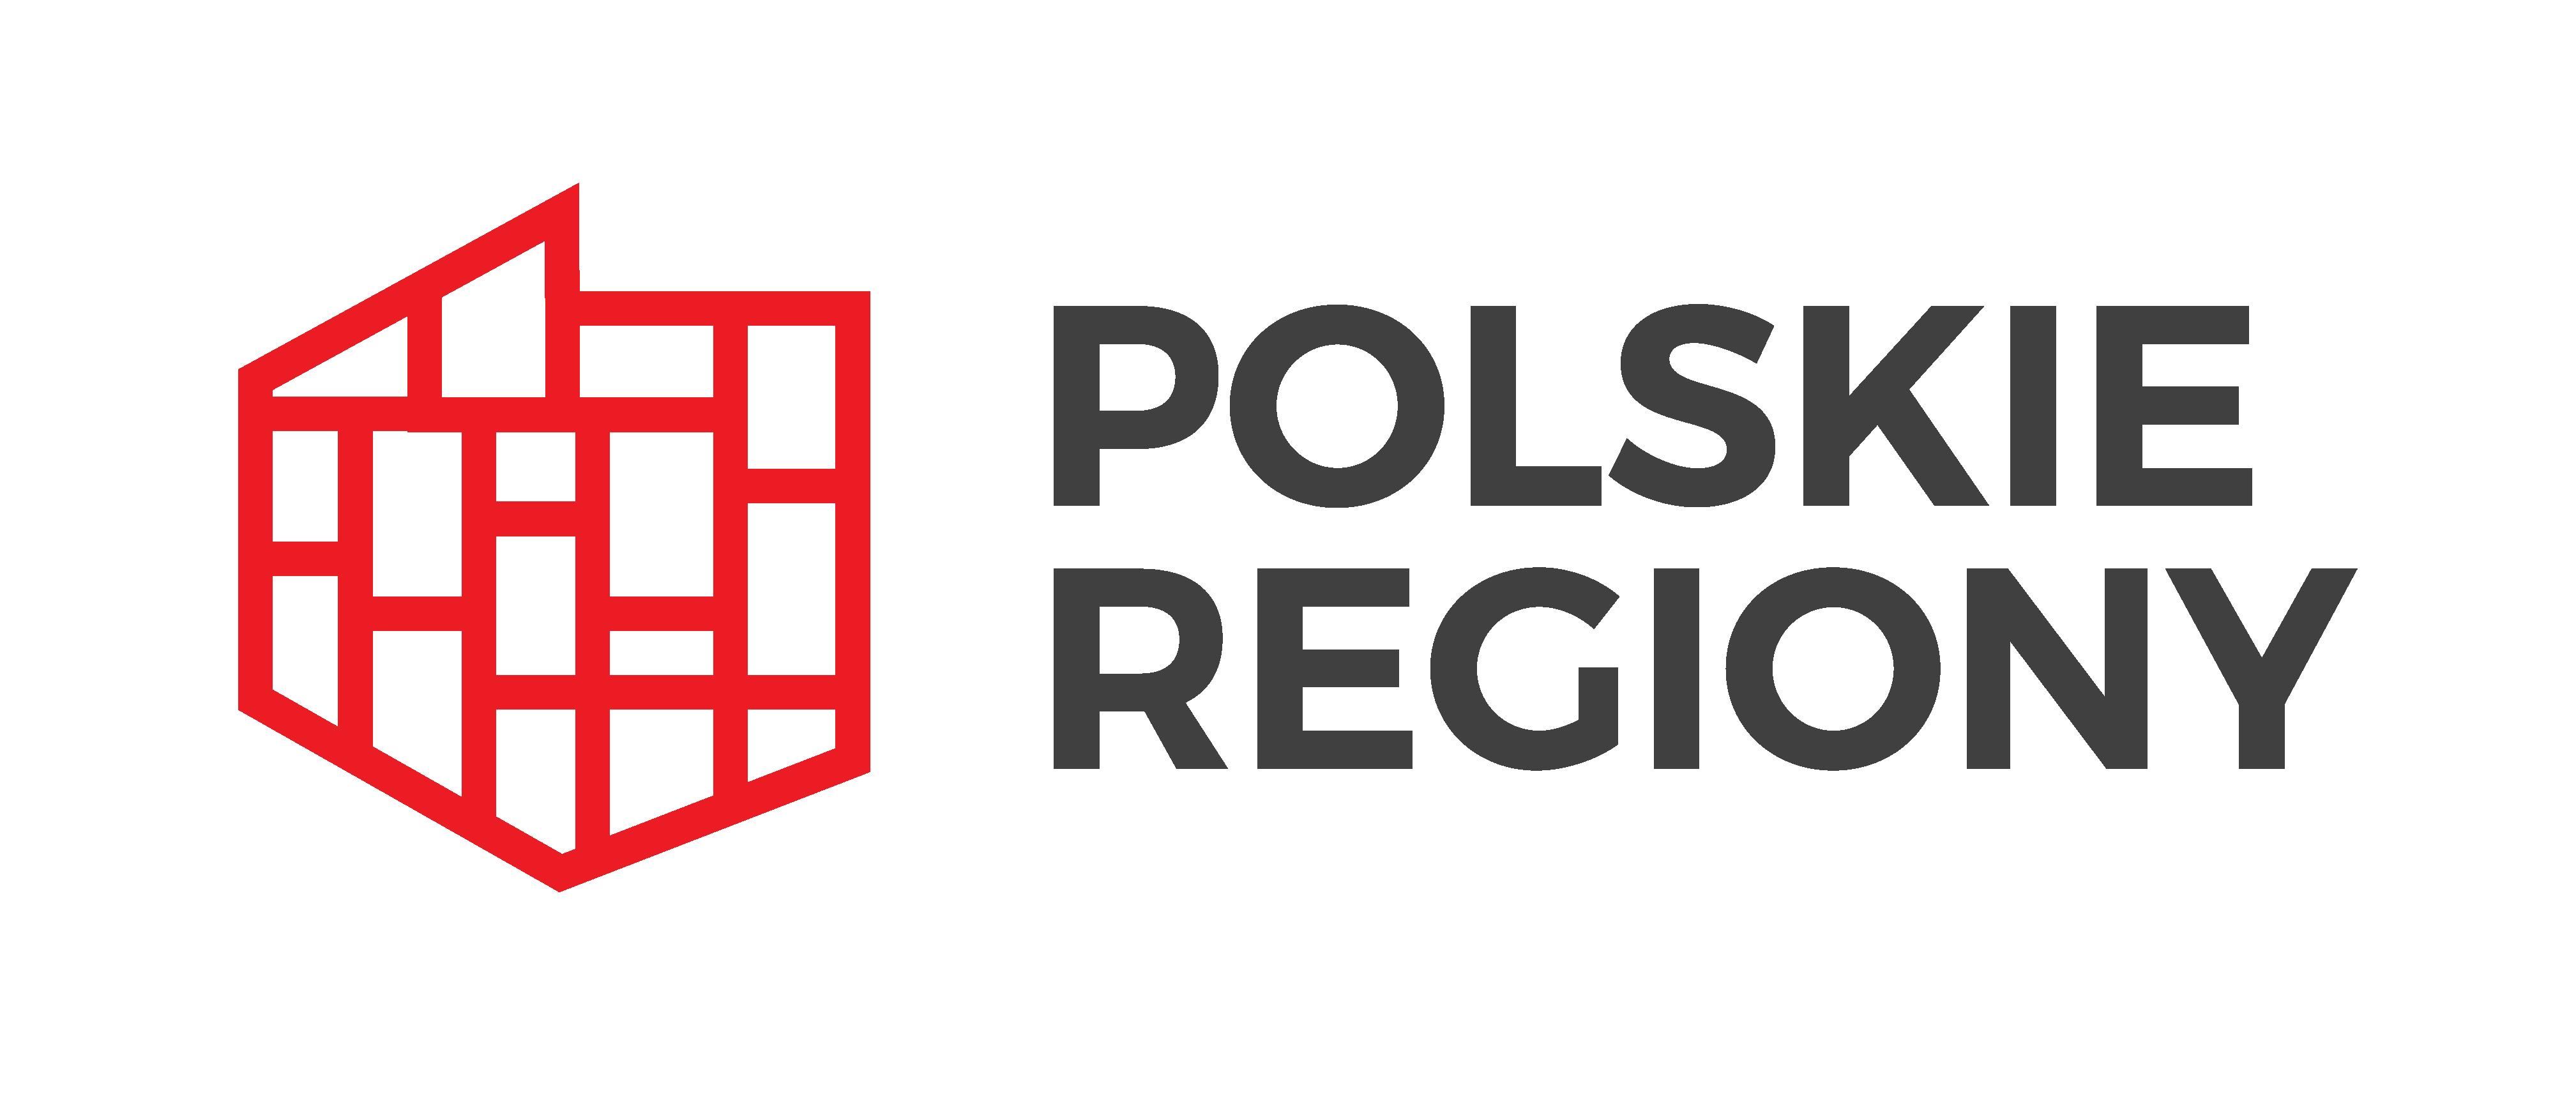 Polskie regiony logo web